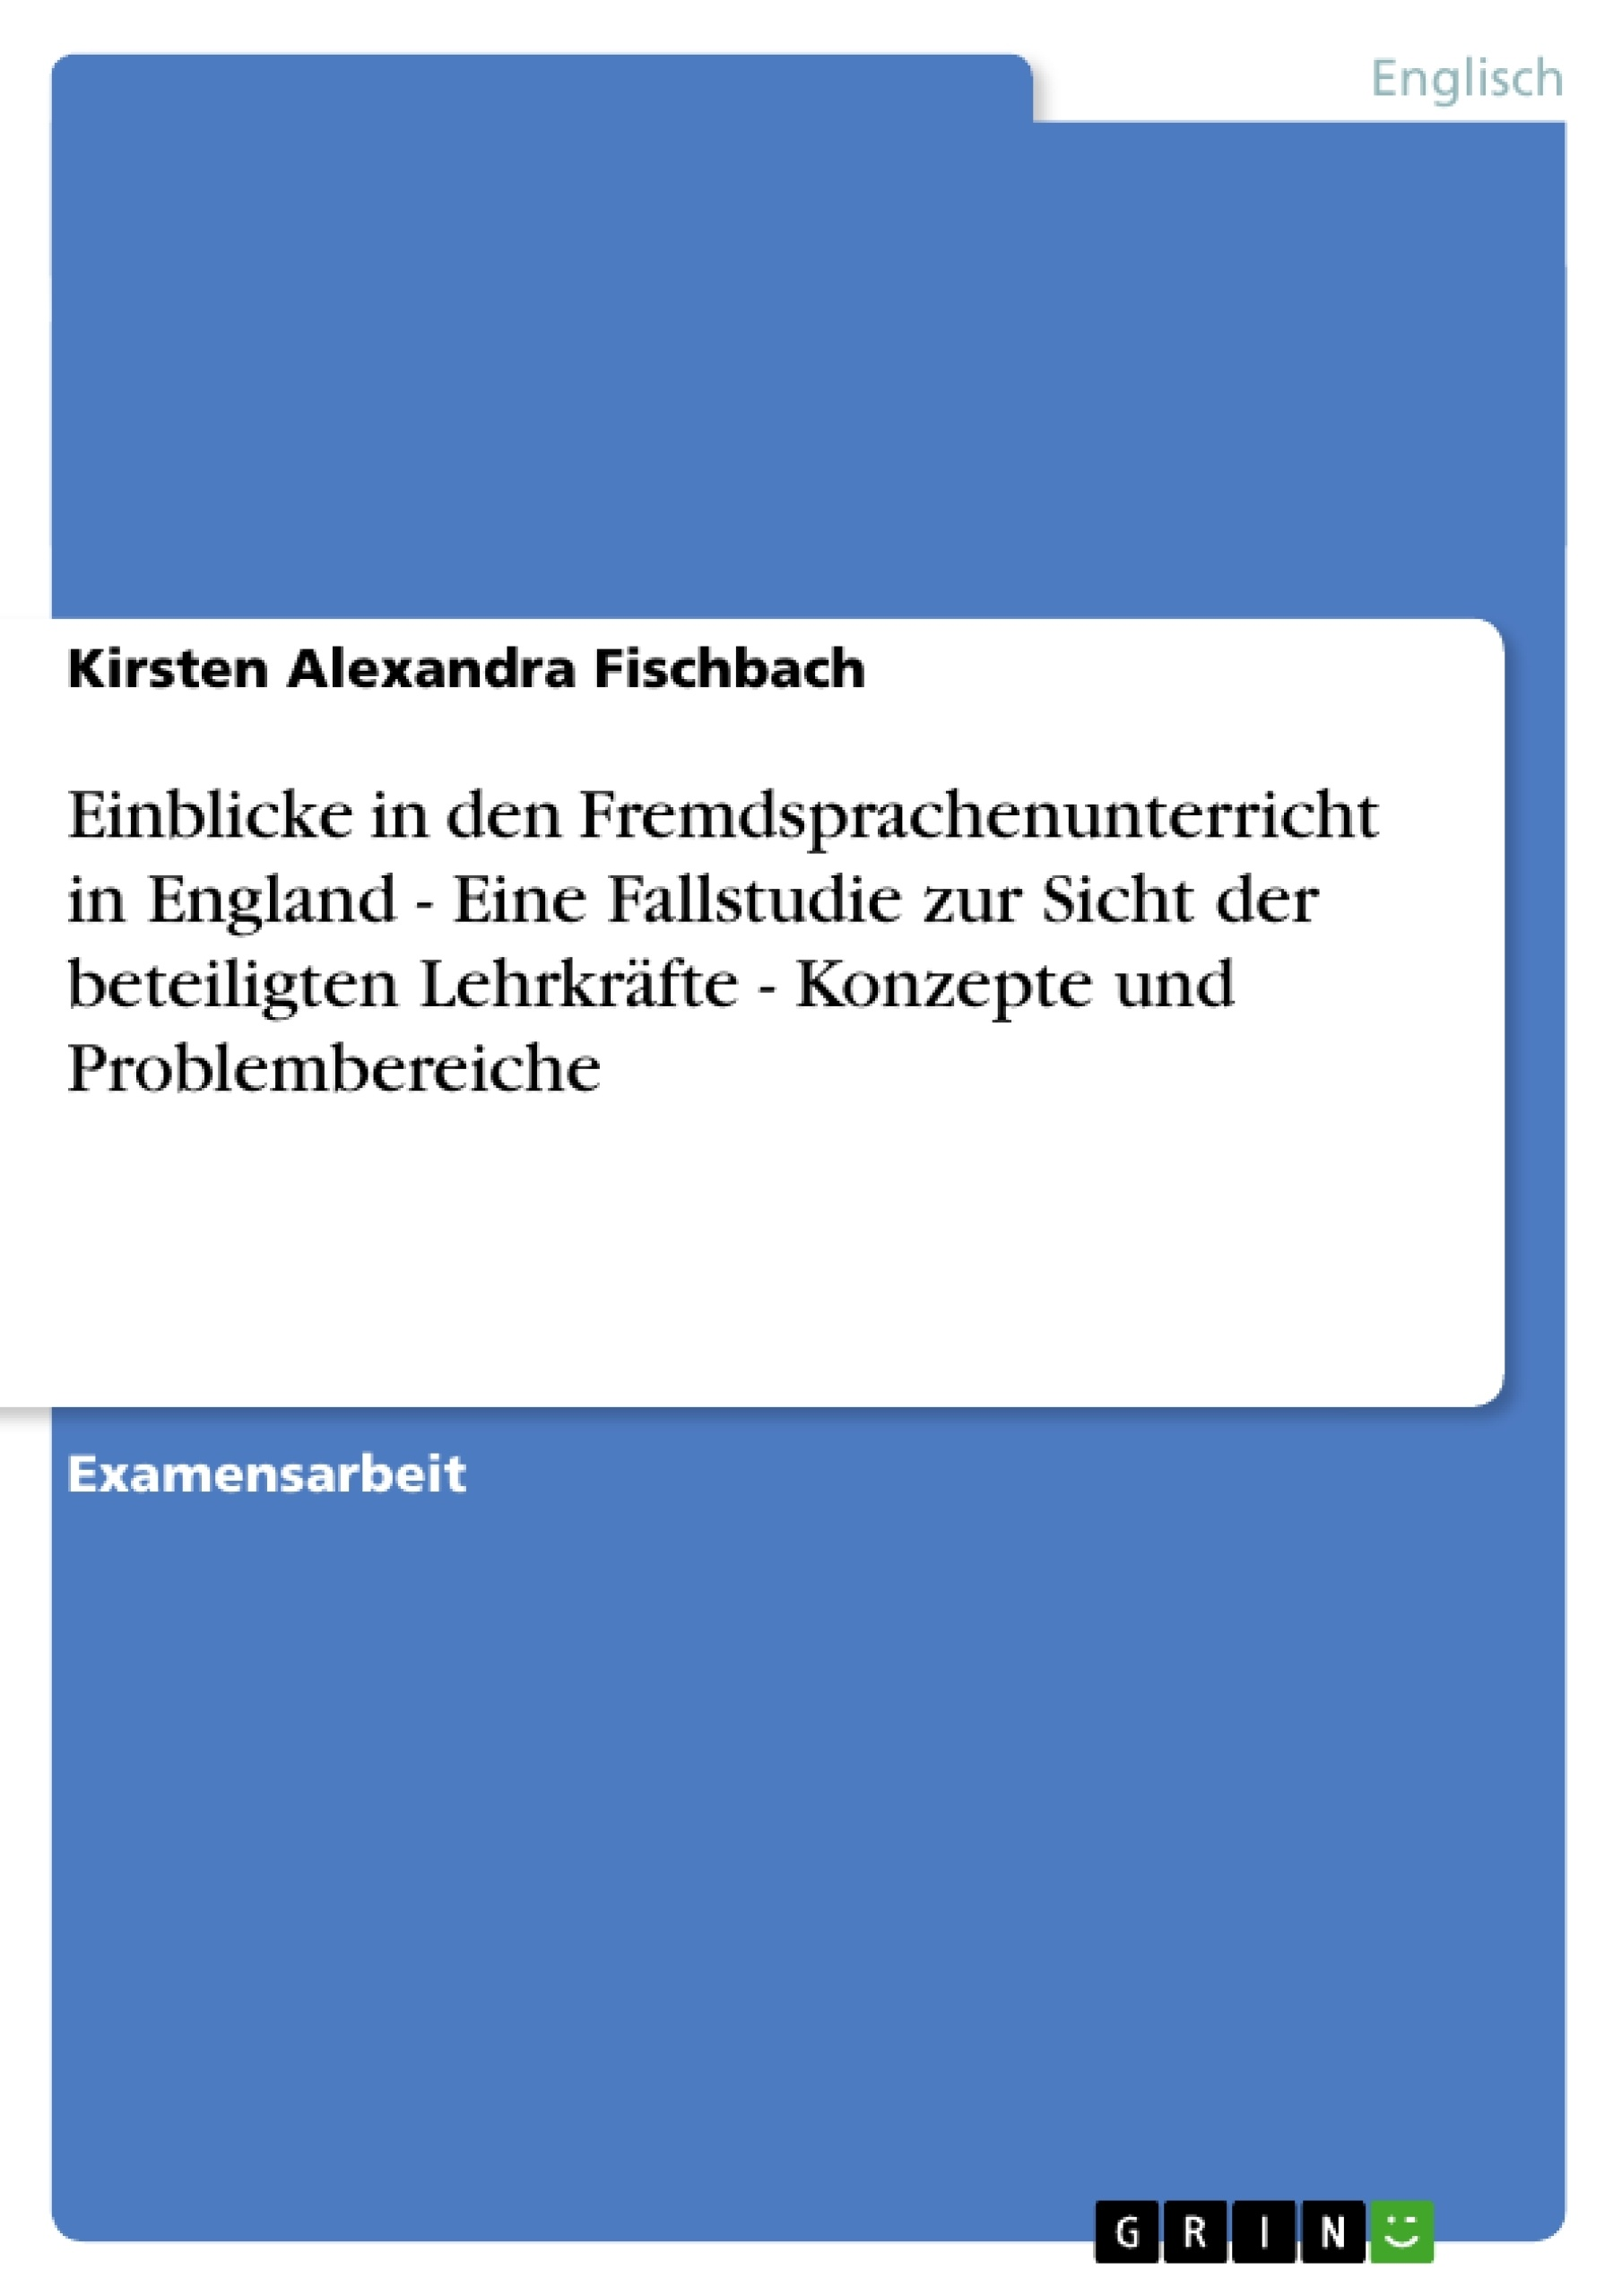 Titel: Einblicke in den Fremdsprachenunterricht in England - Eine Fallstudie zur Sicht der beteiligten Lehrkräfte - Konzepte und Problembereiche